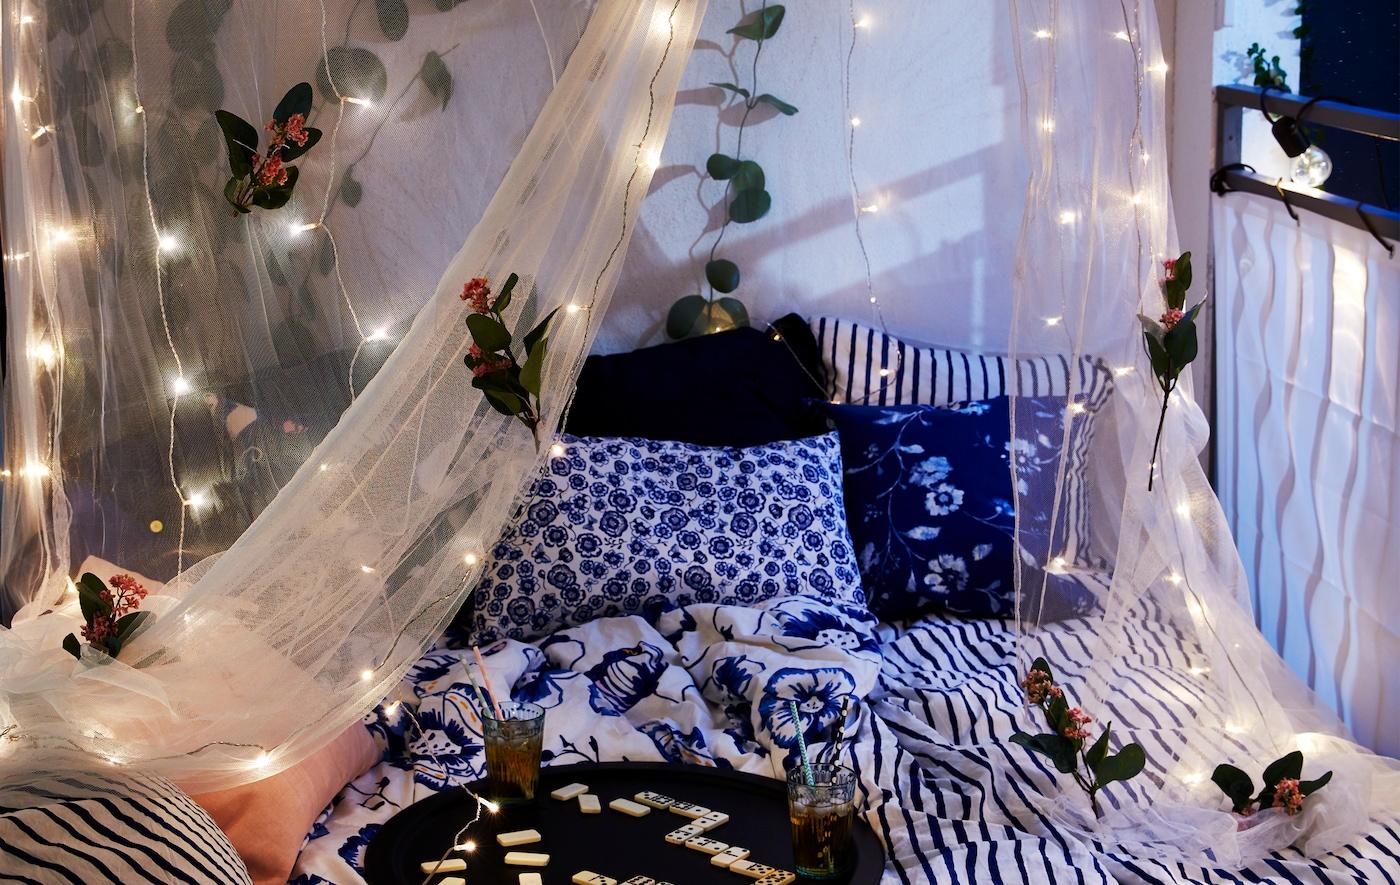 Grand lit sur balcon fermé, moustiquaire décorée de fleurs et guirlandes LED, boissons et dominos sur plateau.